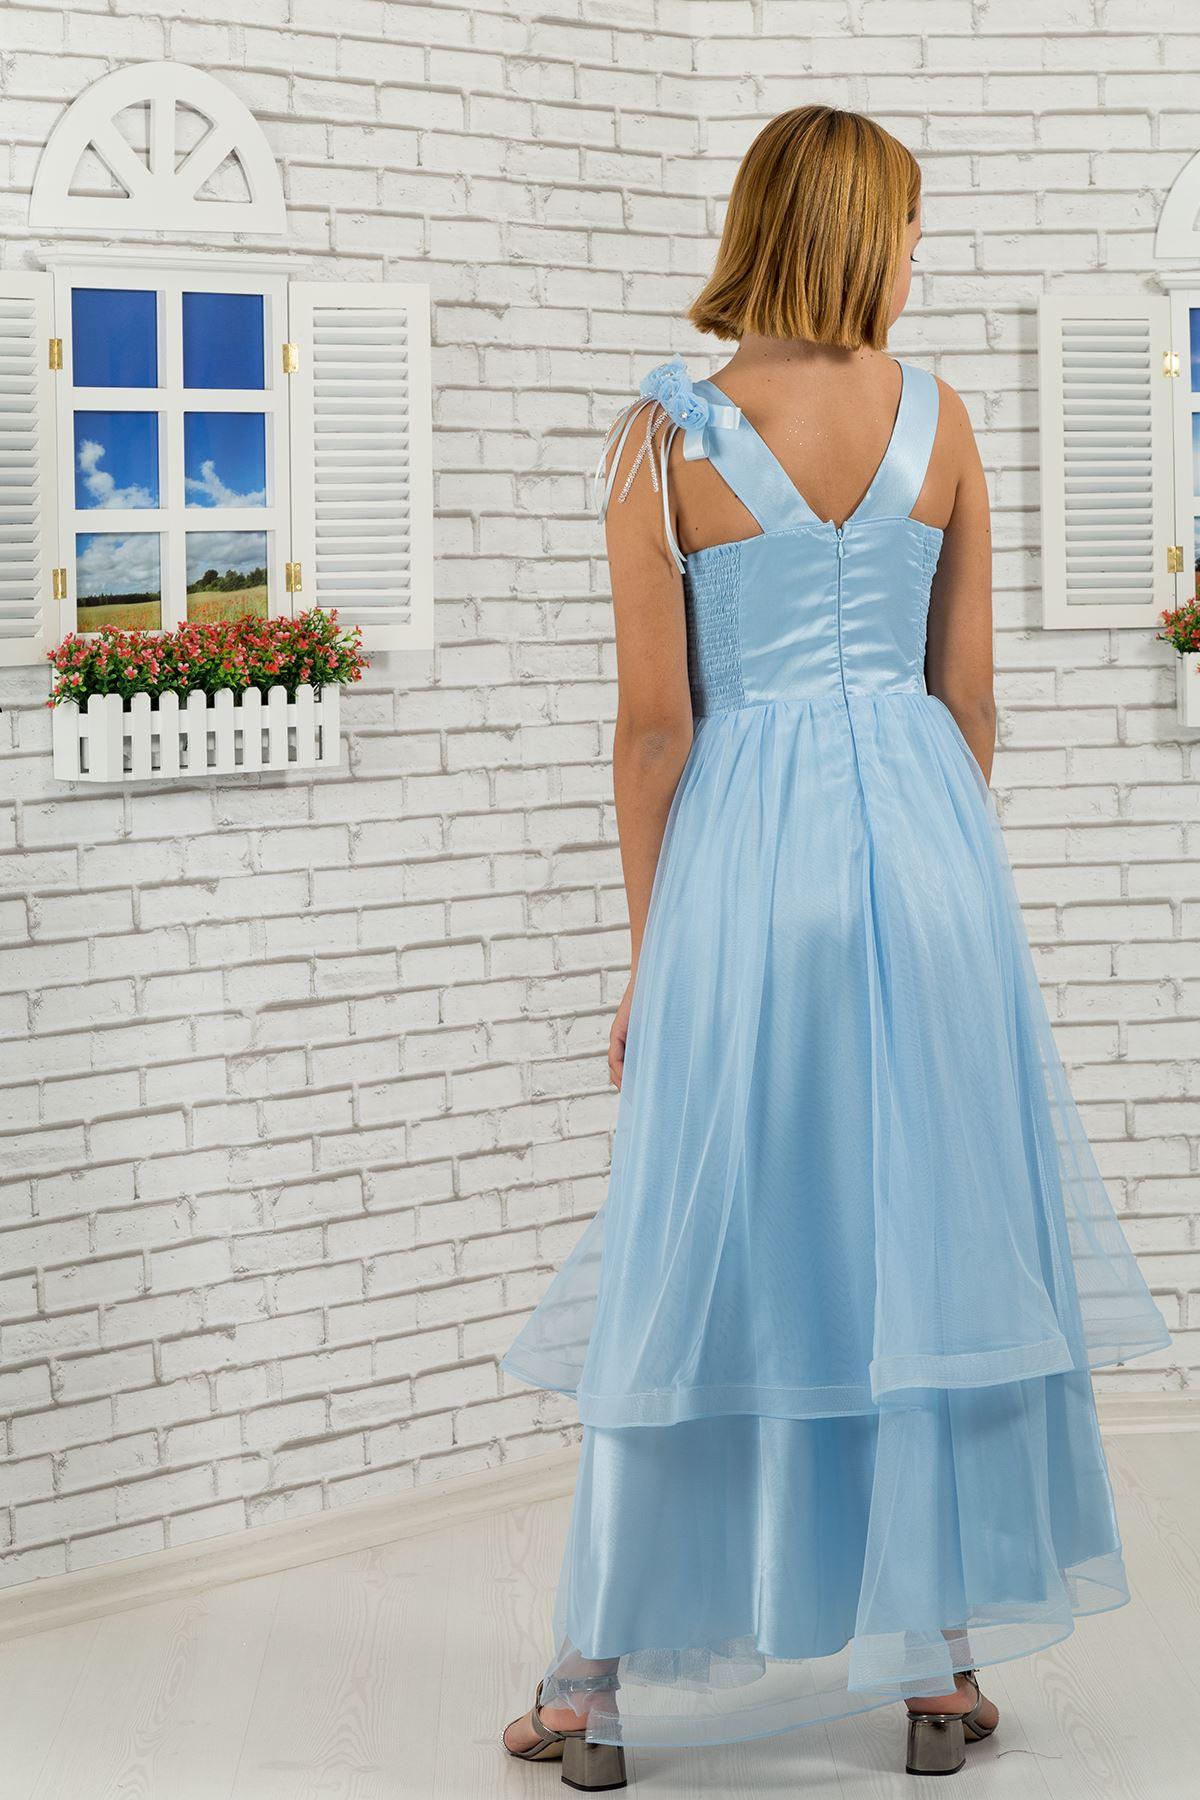 Körper Pailletten, Schulter und Taille Blume detaillierte, Bodenschicht Tüll Mädchen Kinder Abendkleid 465 baby blau